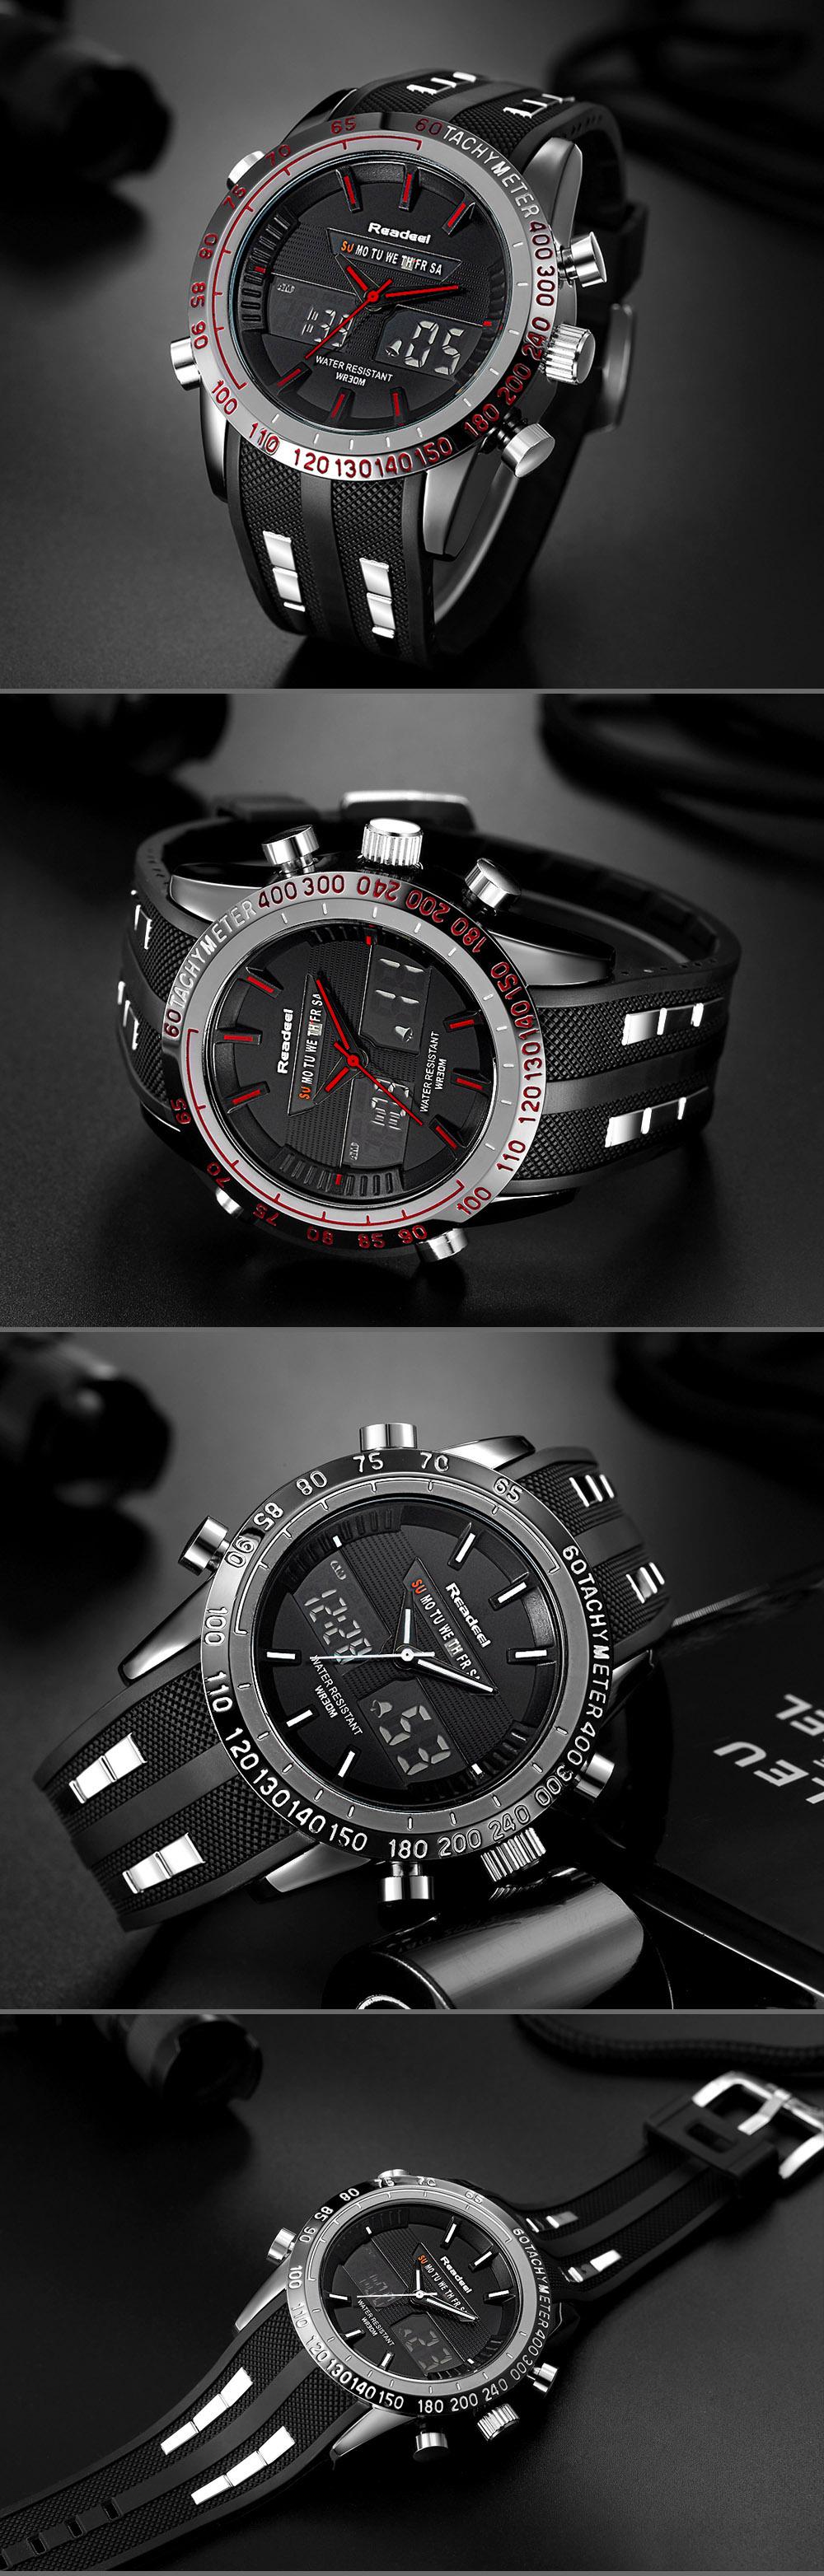 Роскошные брендовые часы мужские спортивные водонепроницаемый светодиодный 06